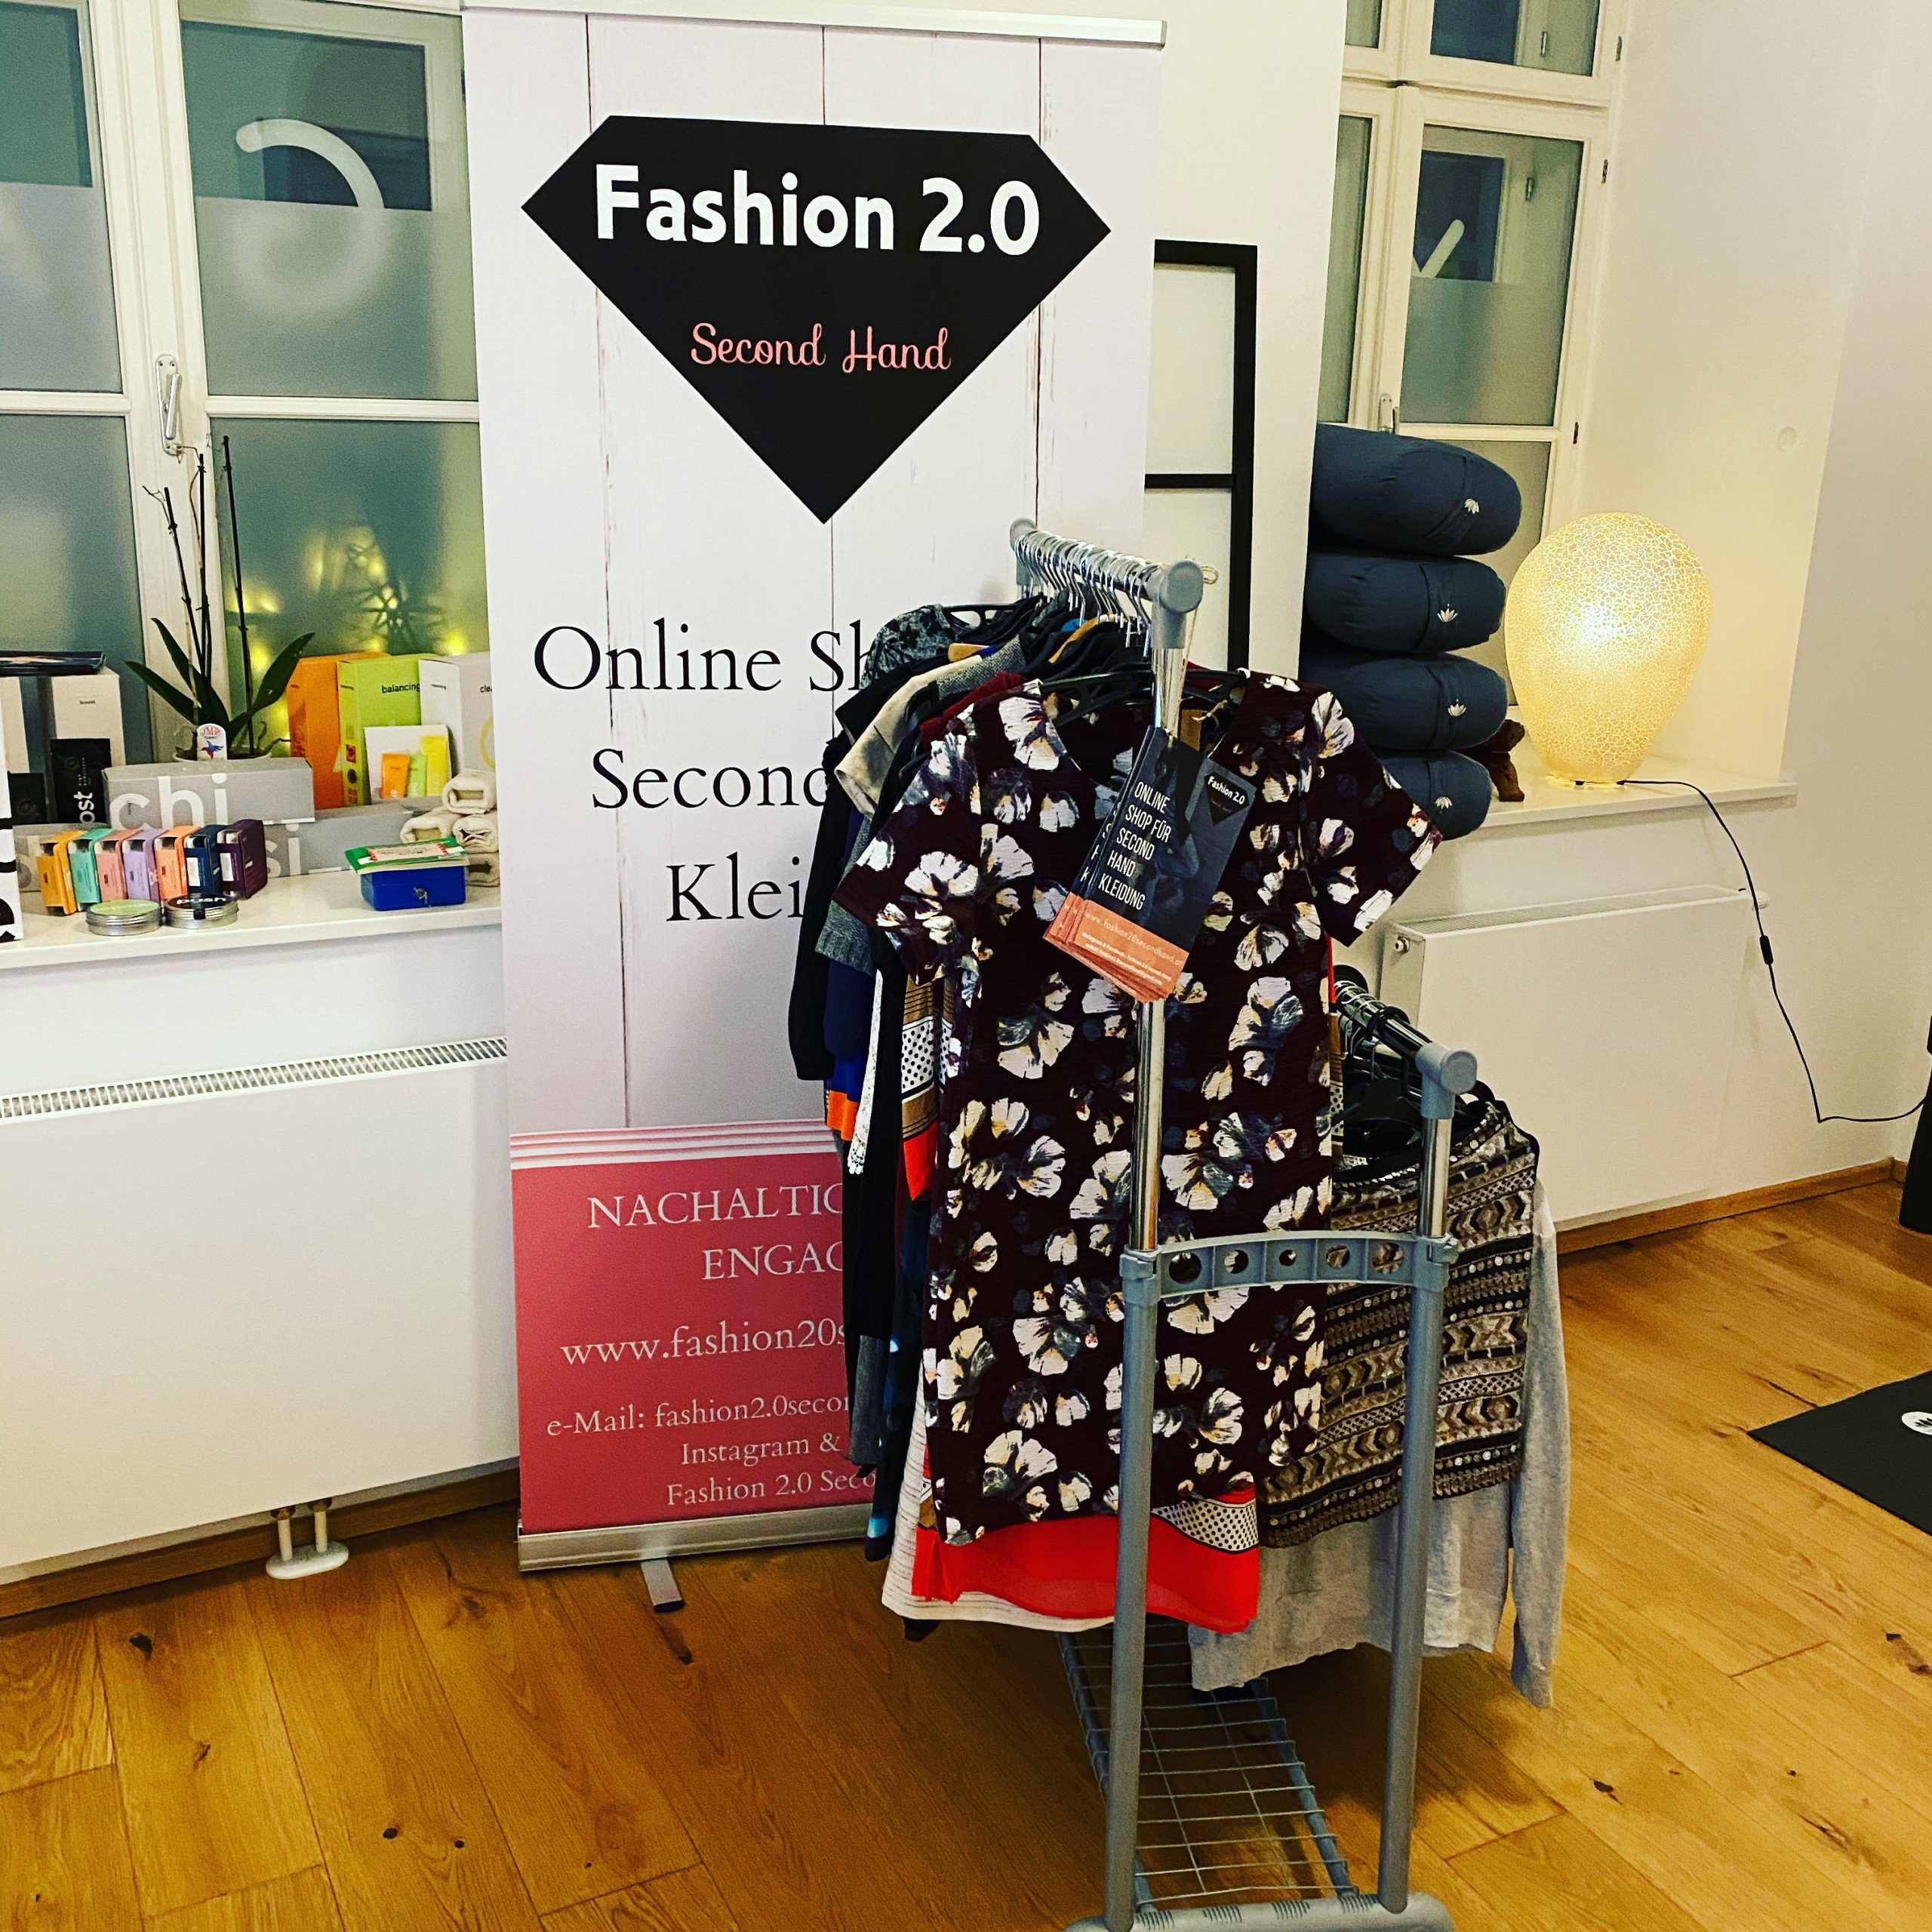 """Ein Kleiderständer mit Kleidern und Oberteilen vor einem Werbebanner auf dem zu lesen ist """"Fashion 2.0"""" auf dem Kleiderständer hängen auch Flyer und alles steht im 2. Yogaraum der Yogaria vor 2 Fenstern"""